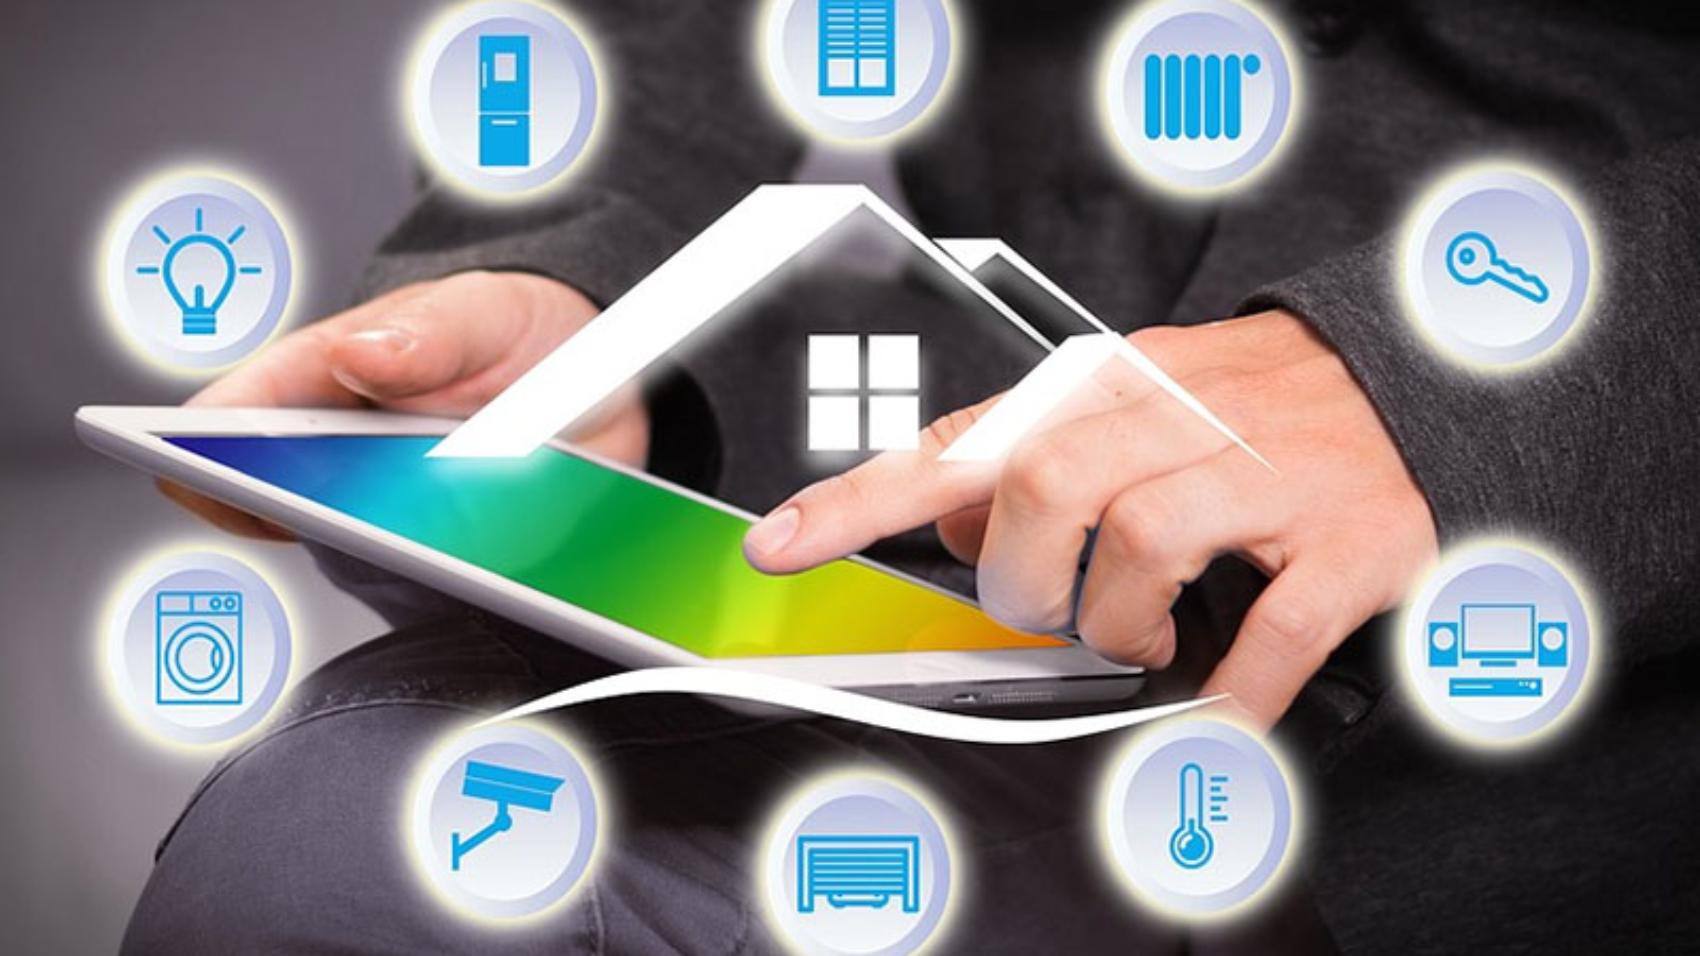 Smart Home IoT Industry 4.0